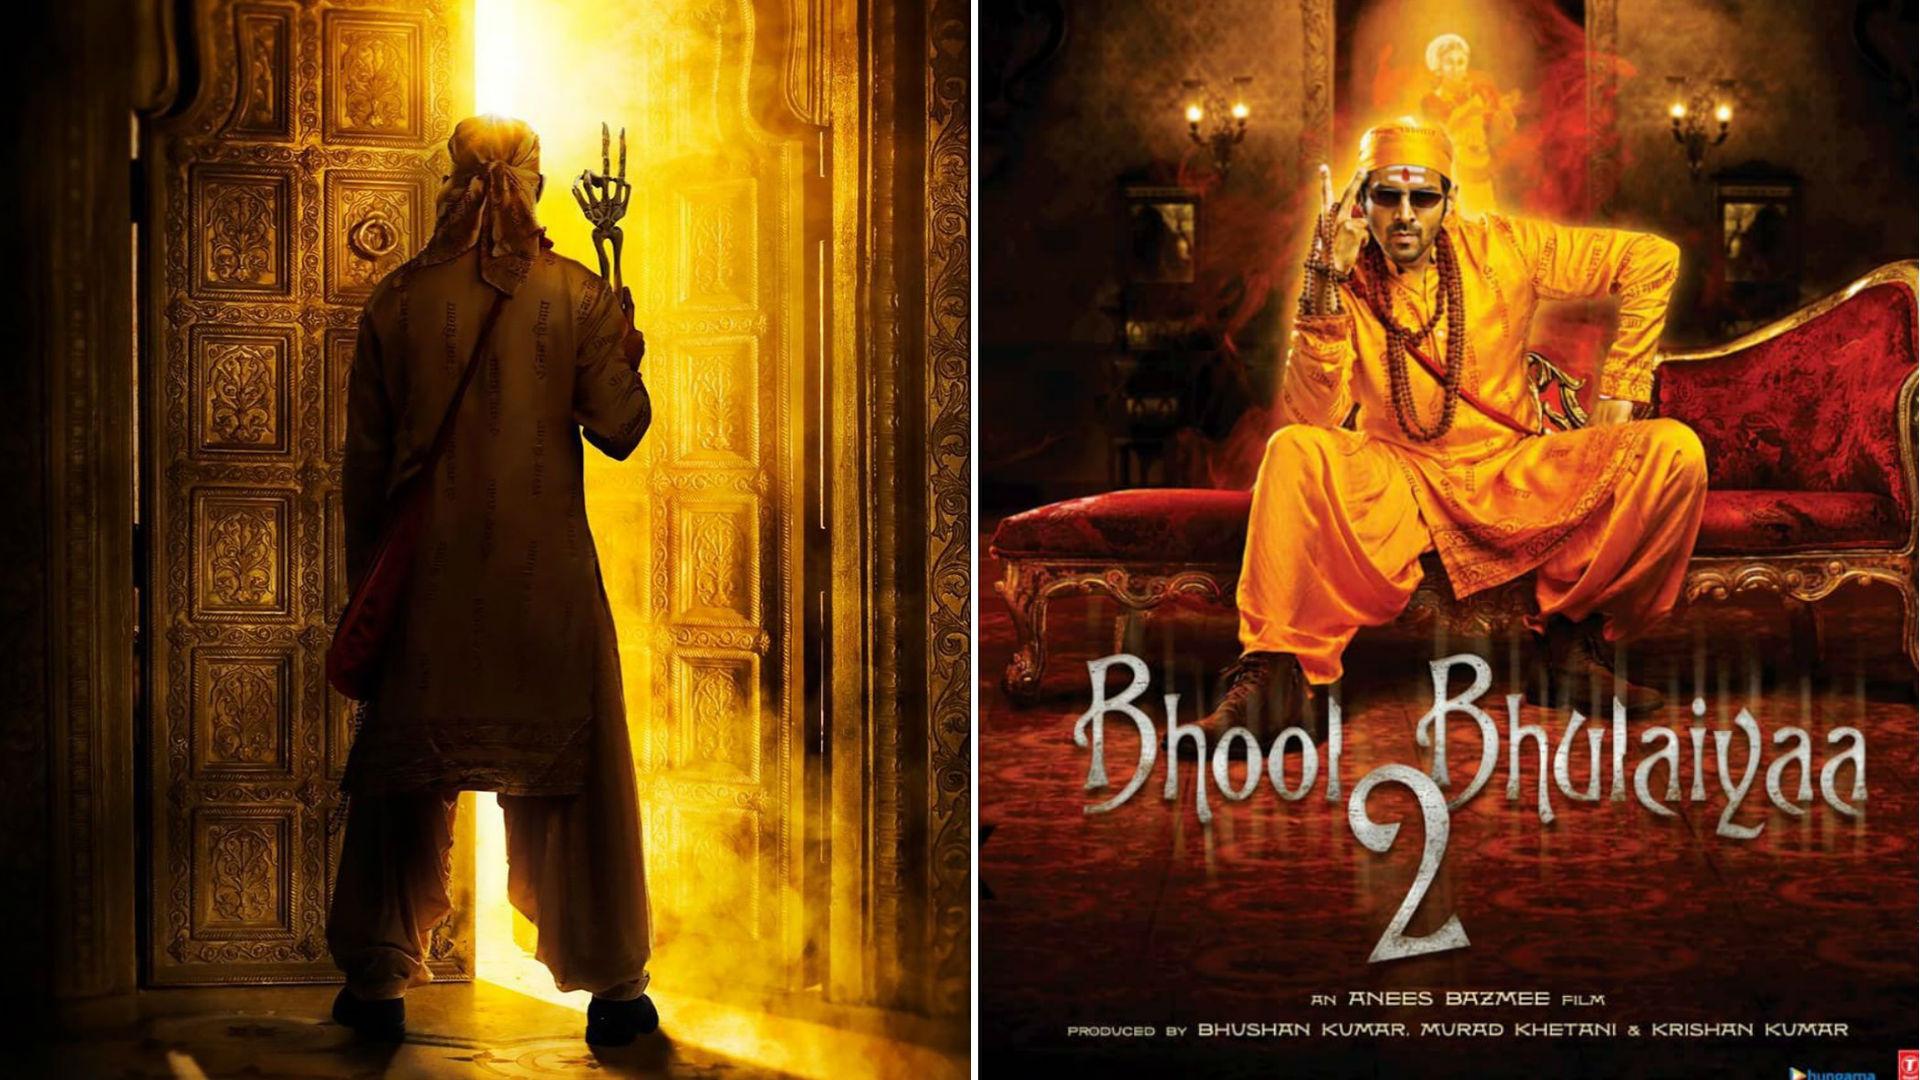 Bhool Bhulaiyya 2 Movie: फिल्म का फर्स्ट लुक आउट, तांत्रिक के भेष में भूतों को भगाने निकले कार्तिक आर्यन